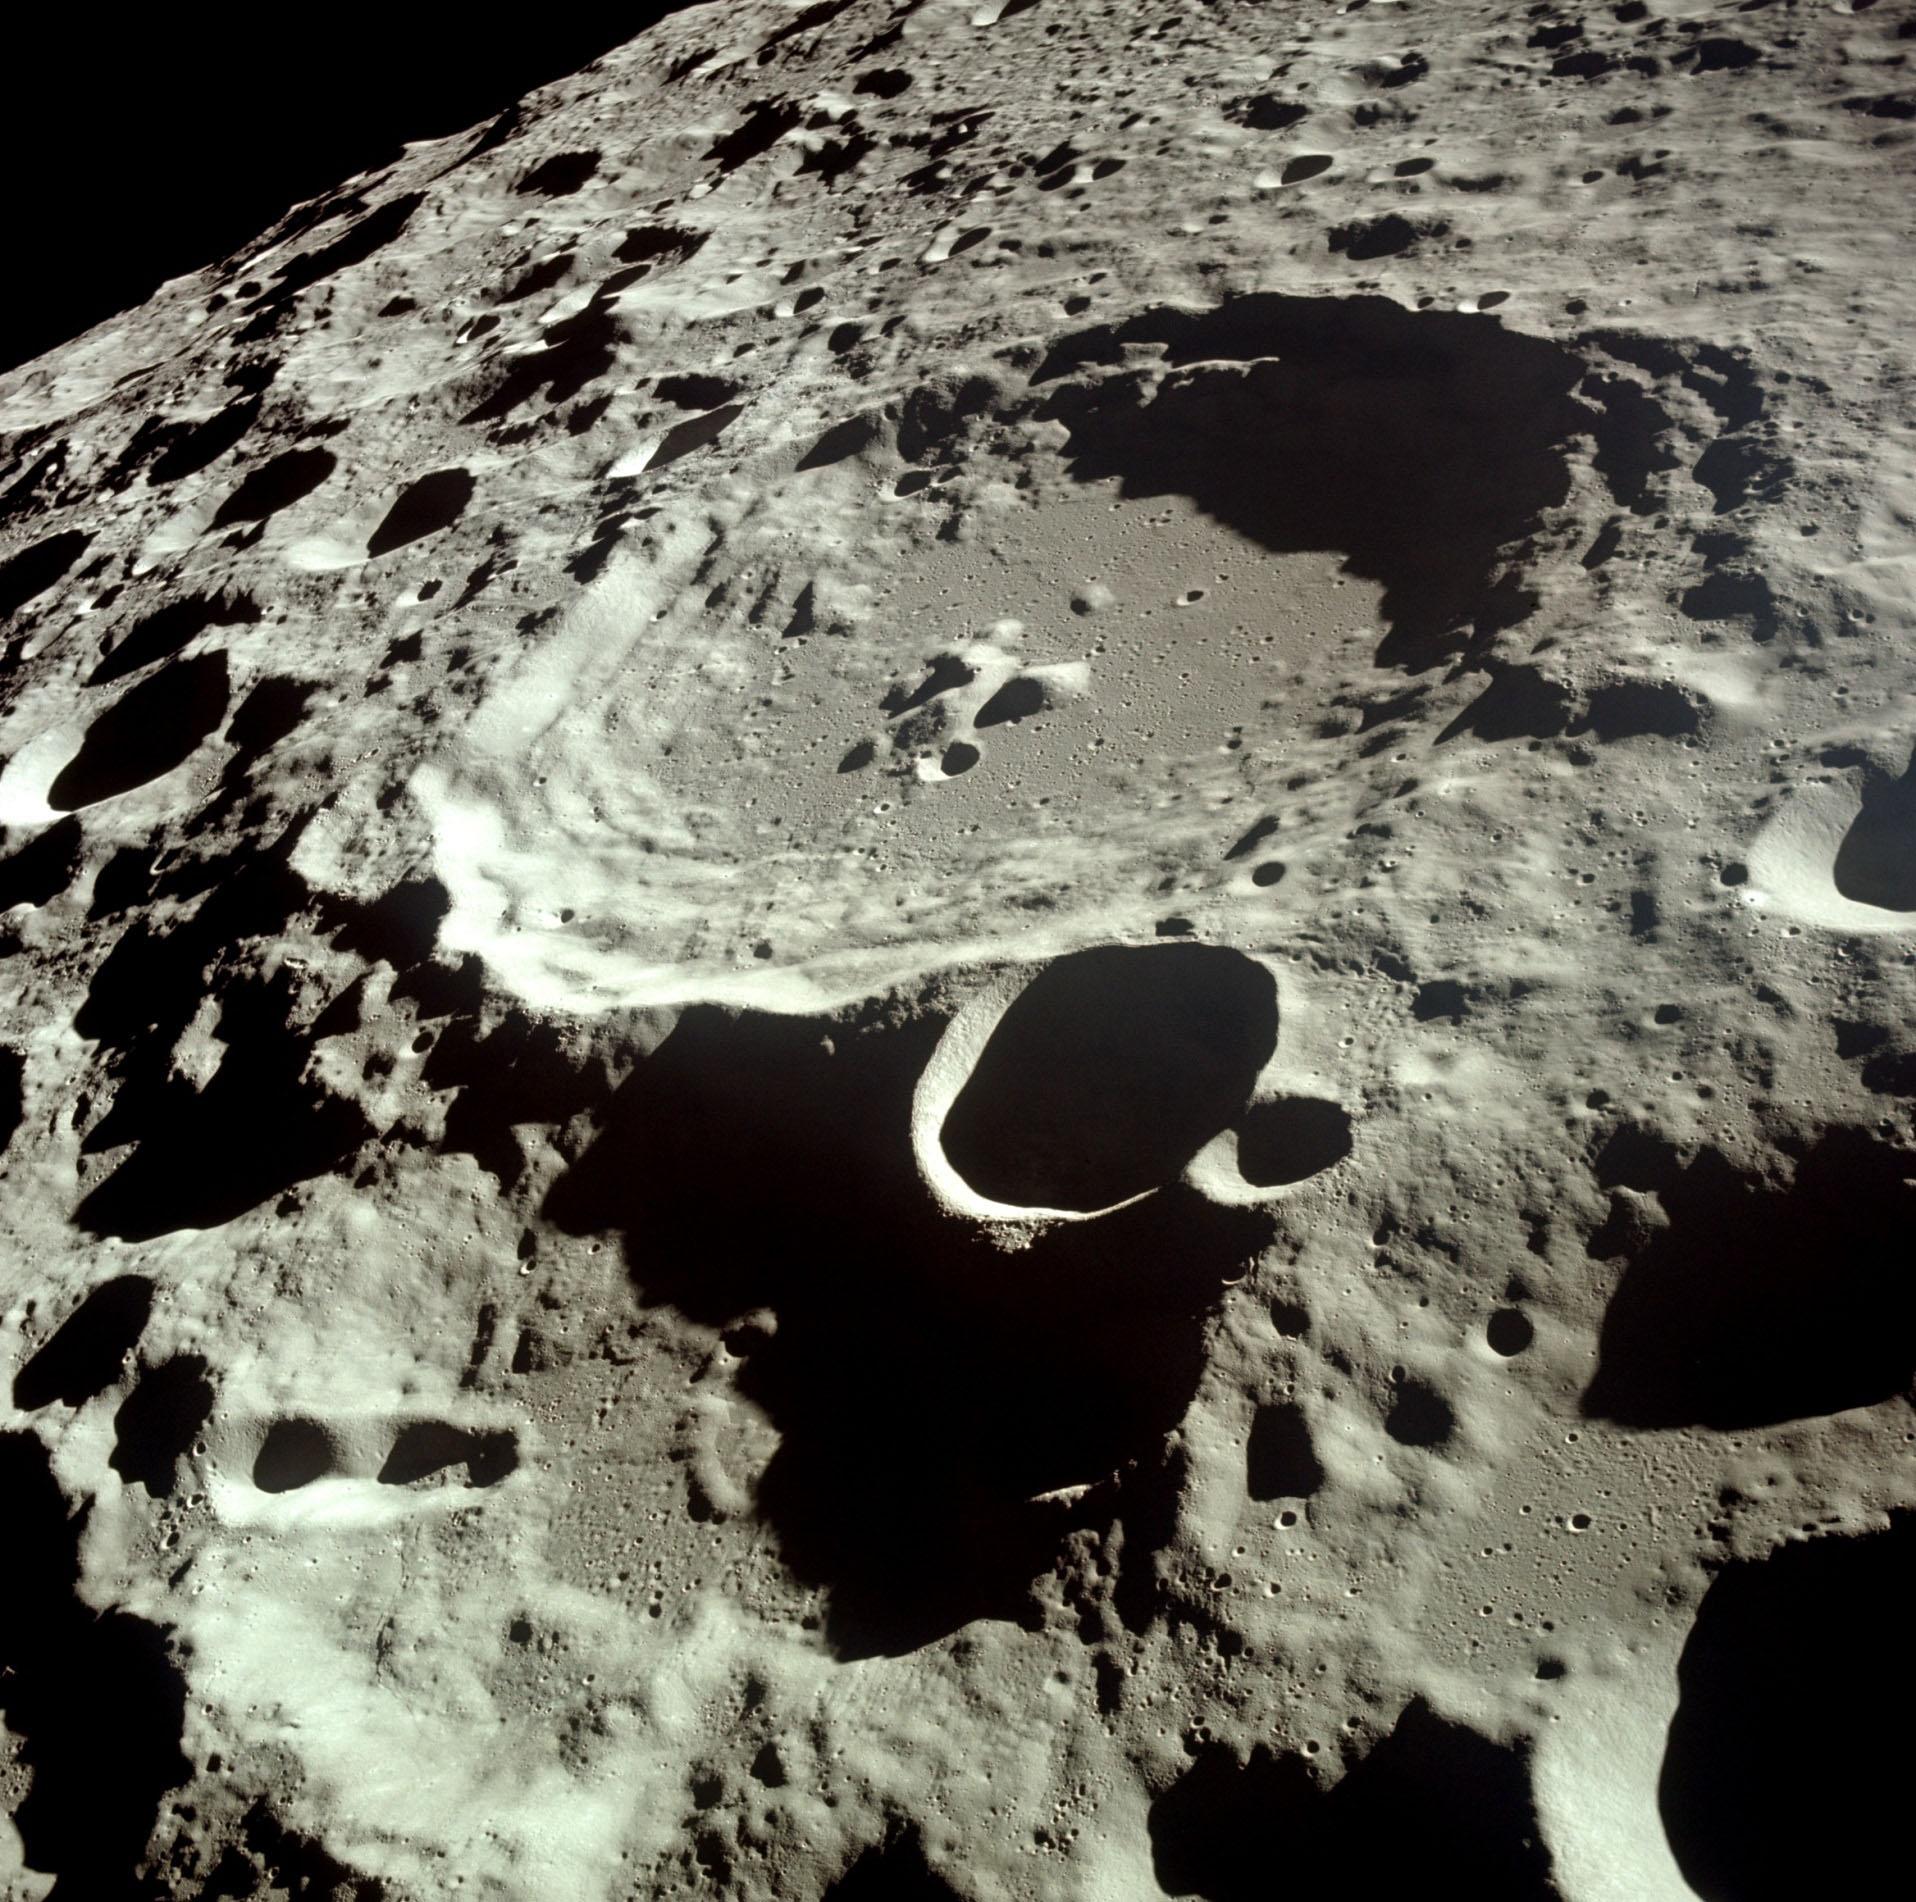 en48-satellites-of-the-terrestrial-planets_07